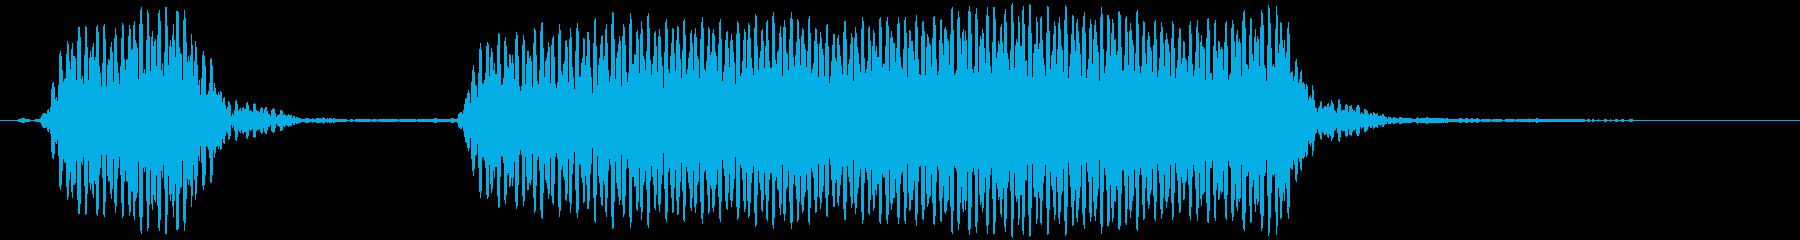 汽笛 ホッホーッの再生済みの波形